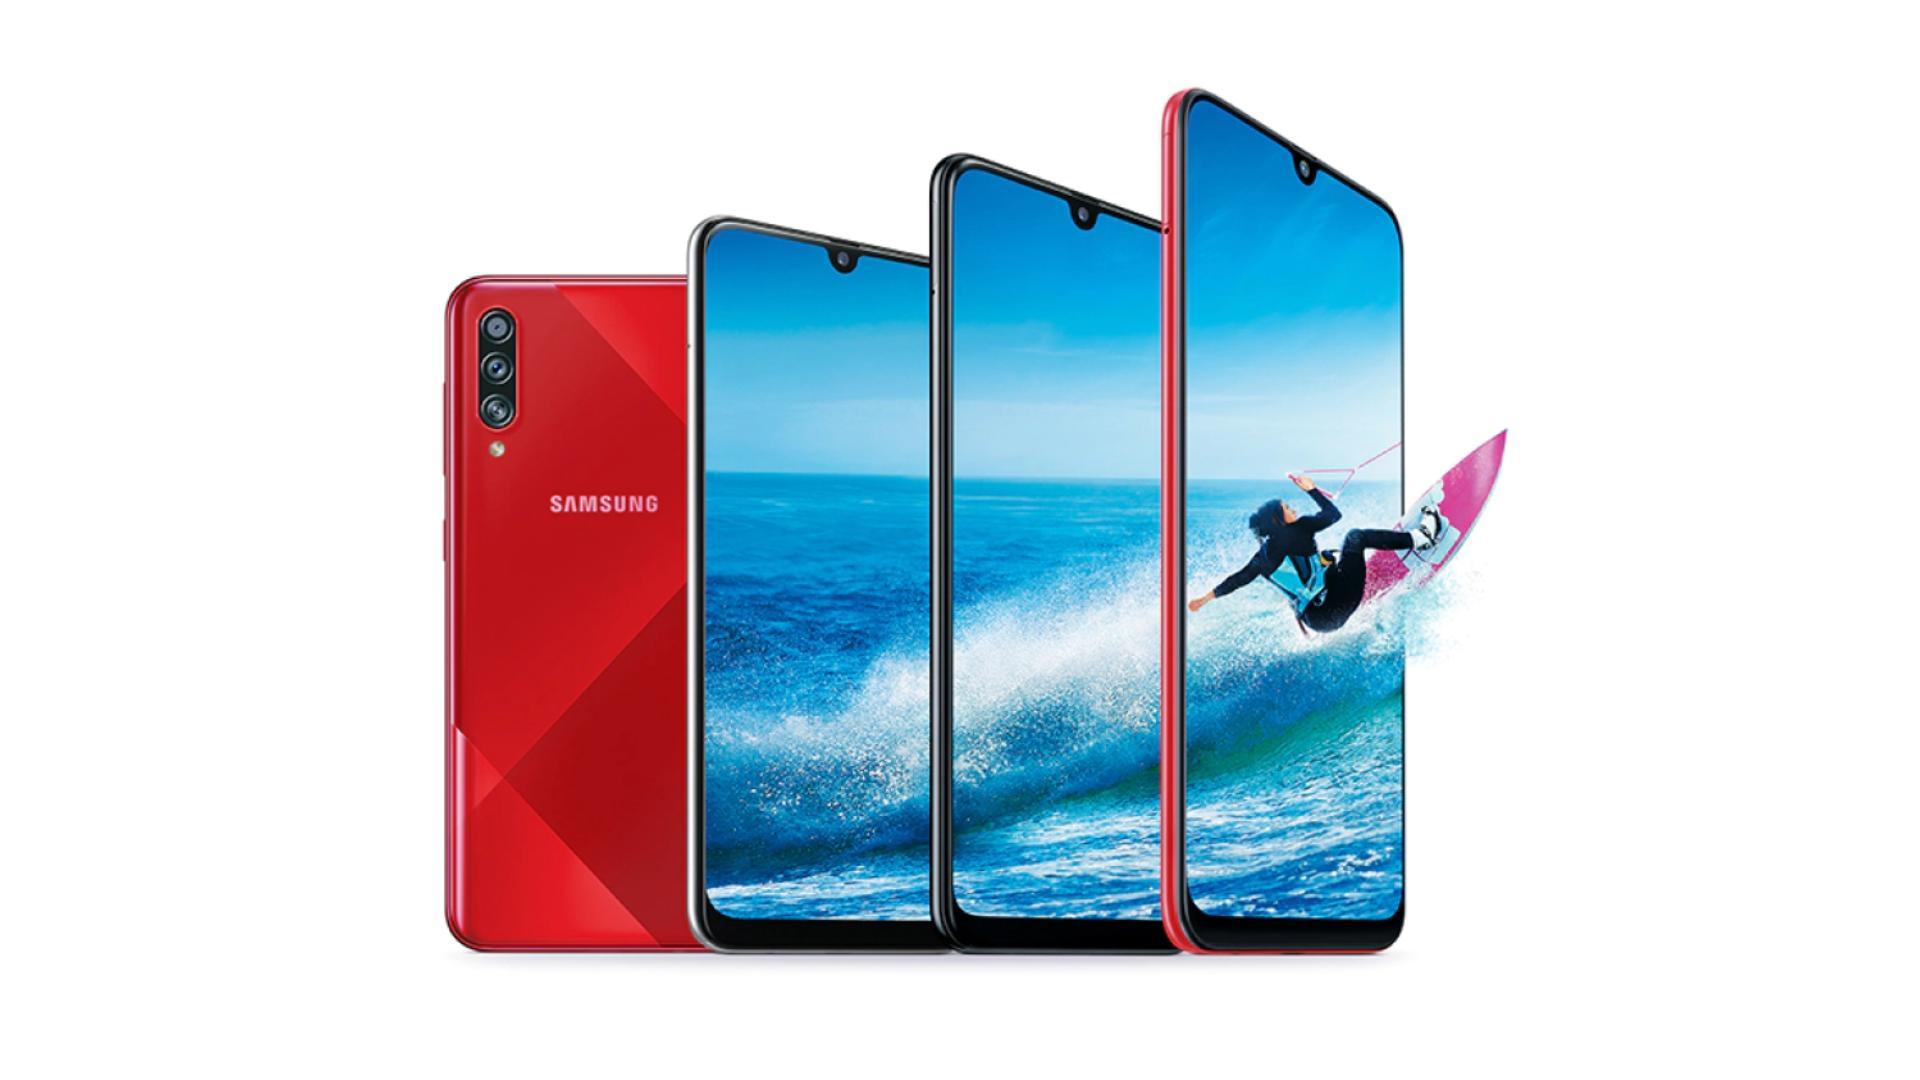 Samsung Galaxy A70s officialisé : une actualisation bienvenue avec une nouvelle caméra de 64 mégapixels